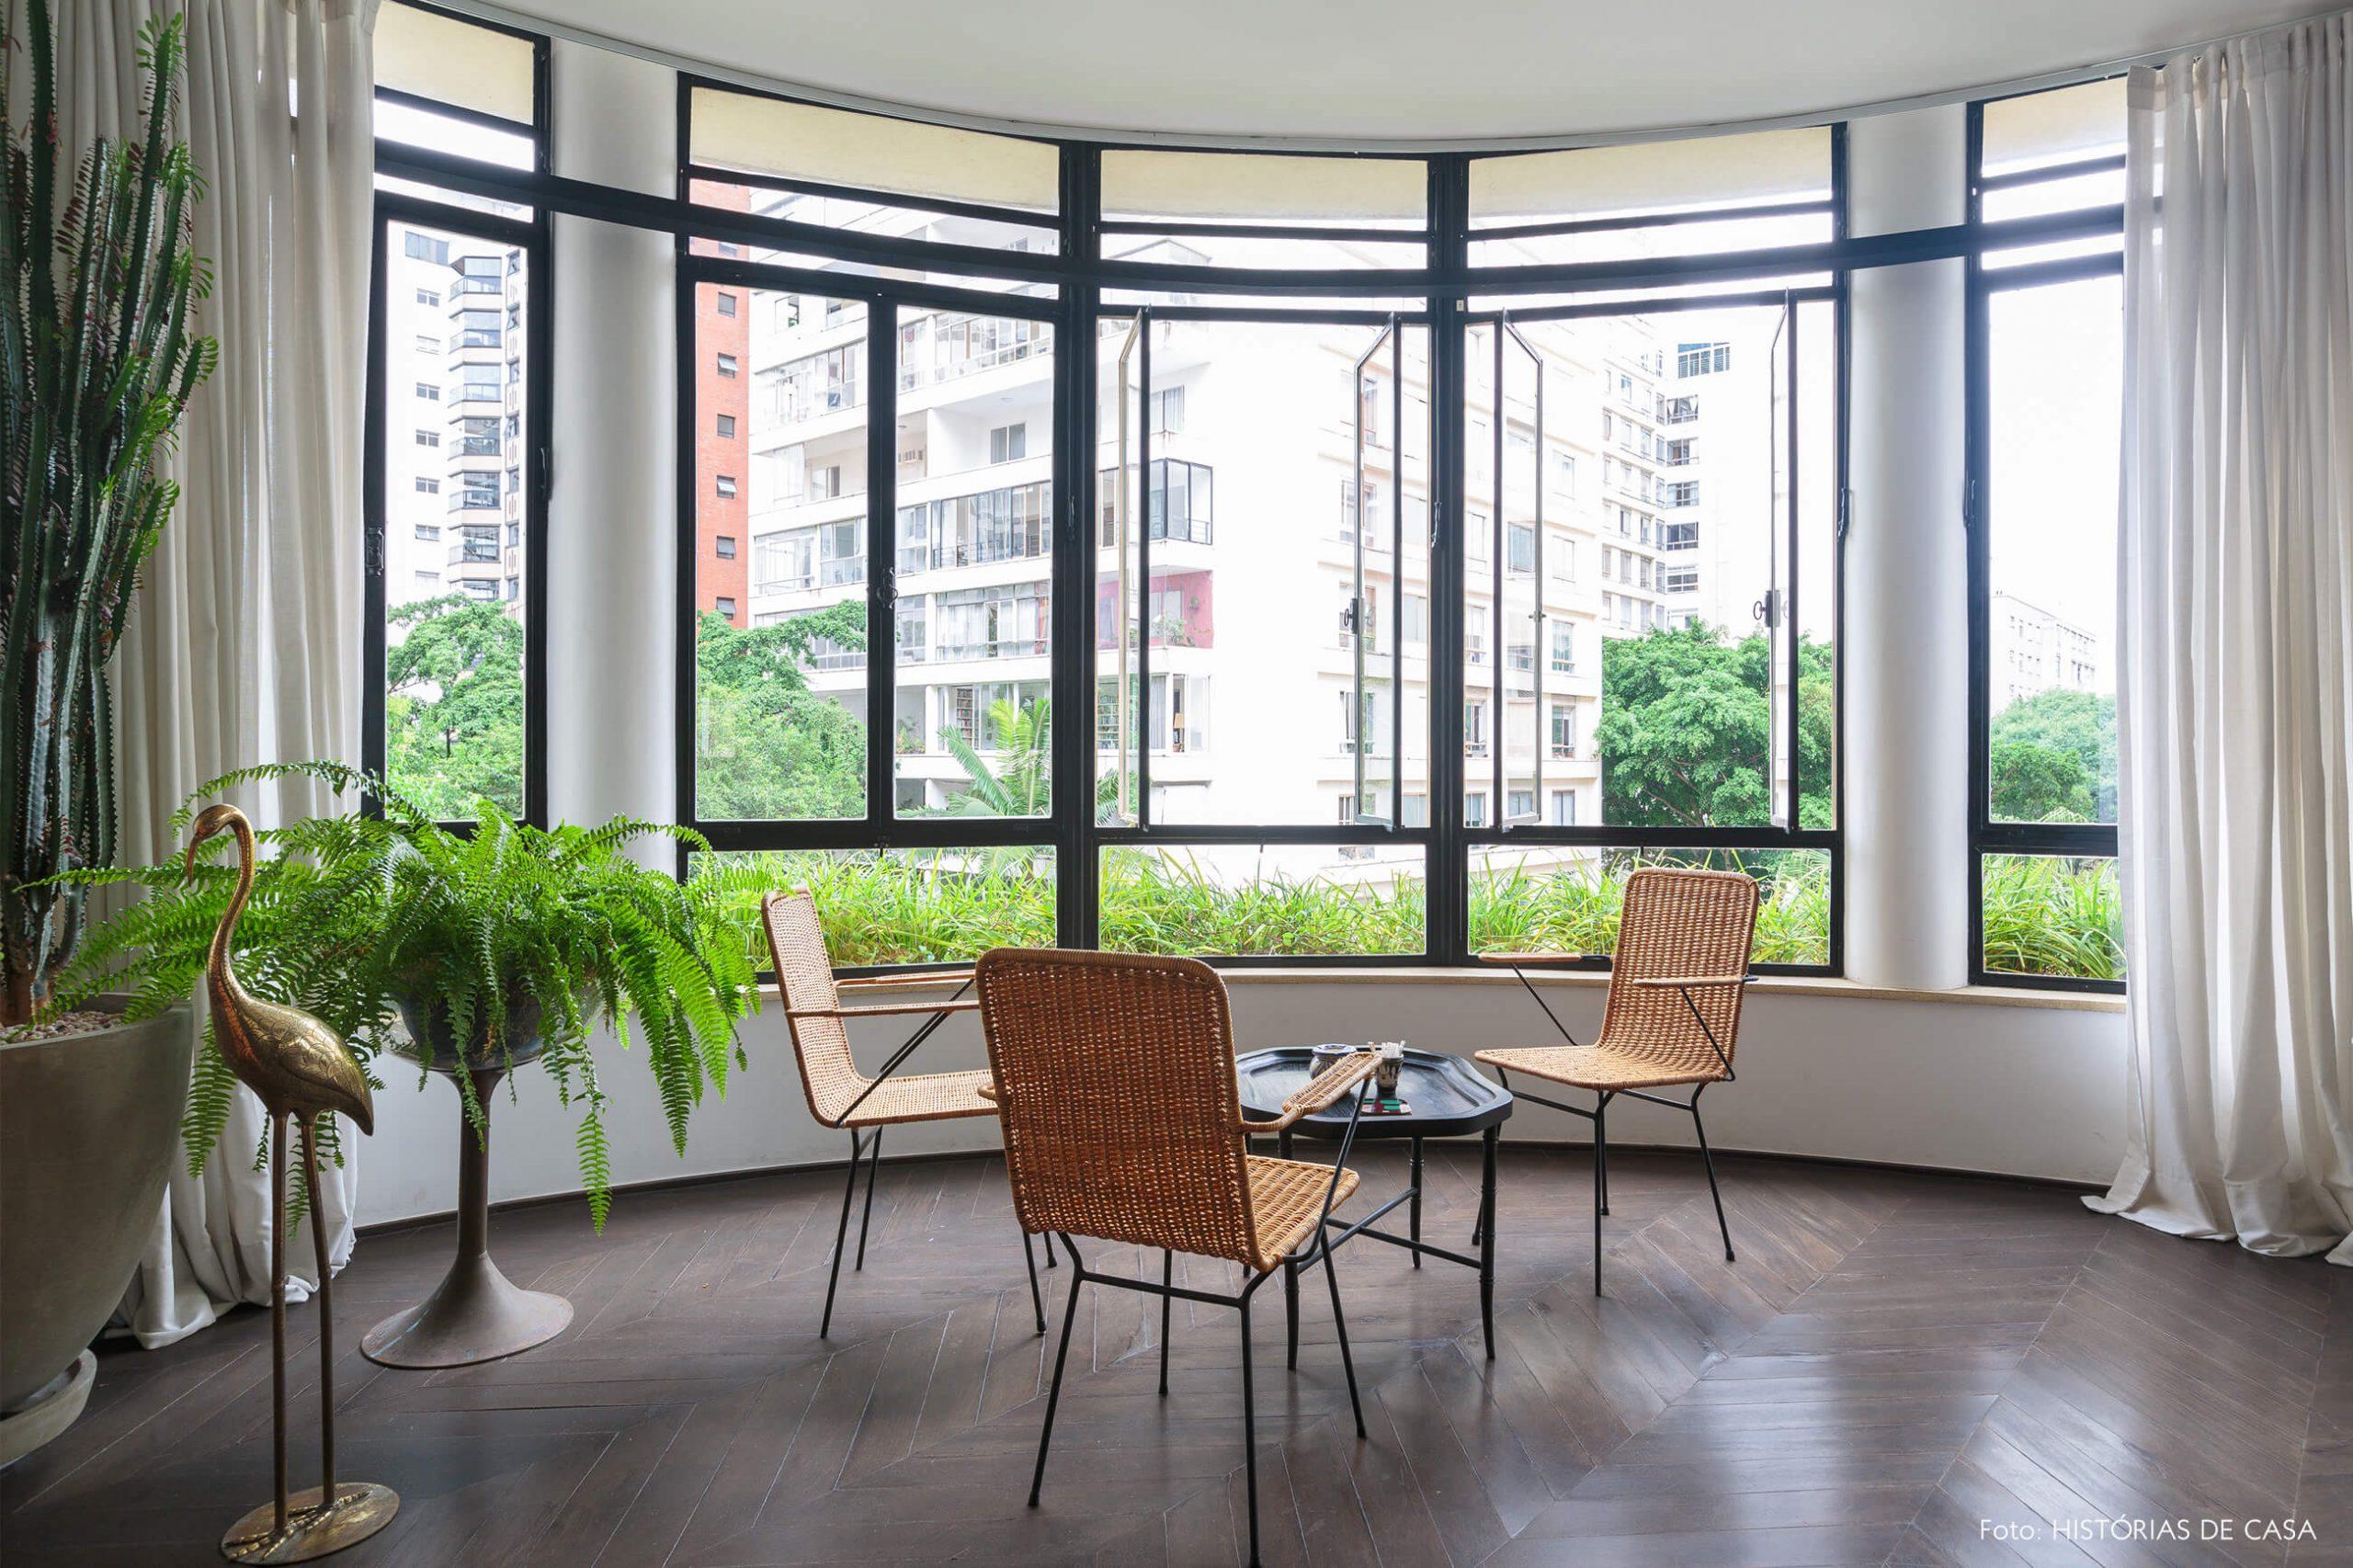 decoração ap sala com janleas grandes, cadeira de palha e plantas